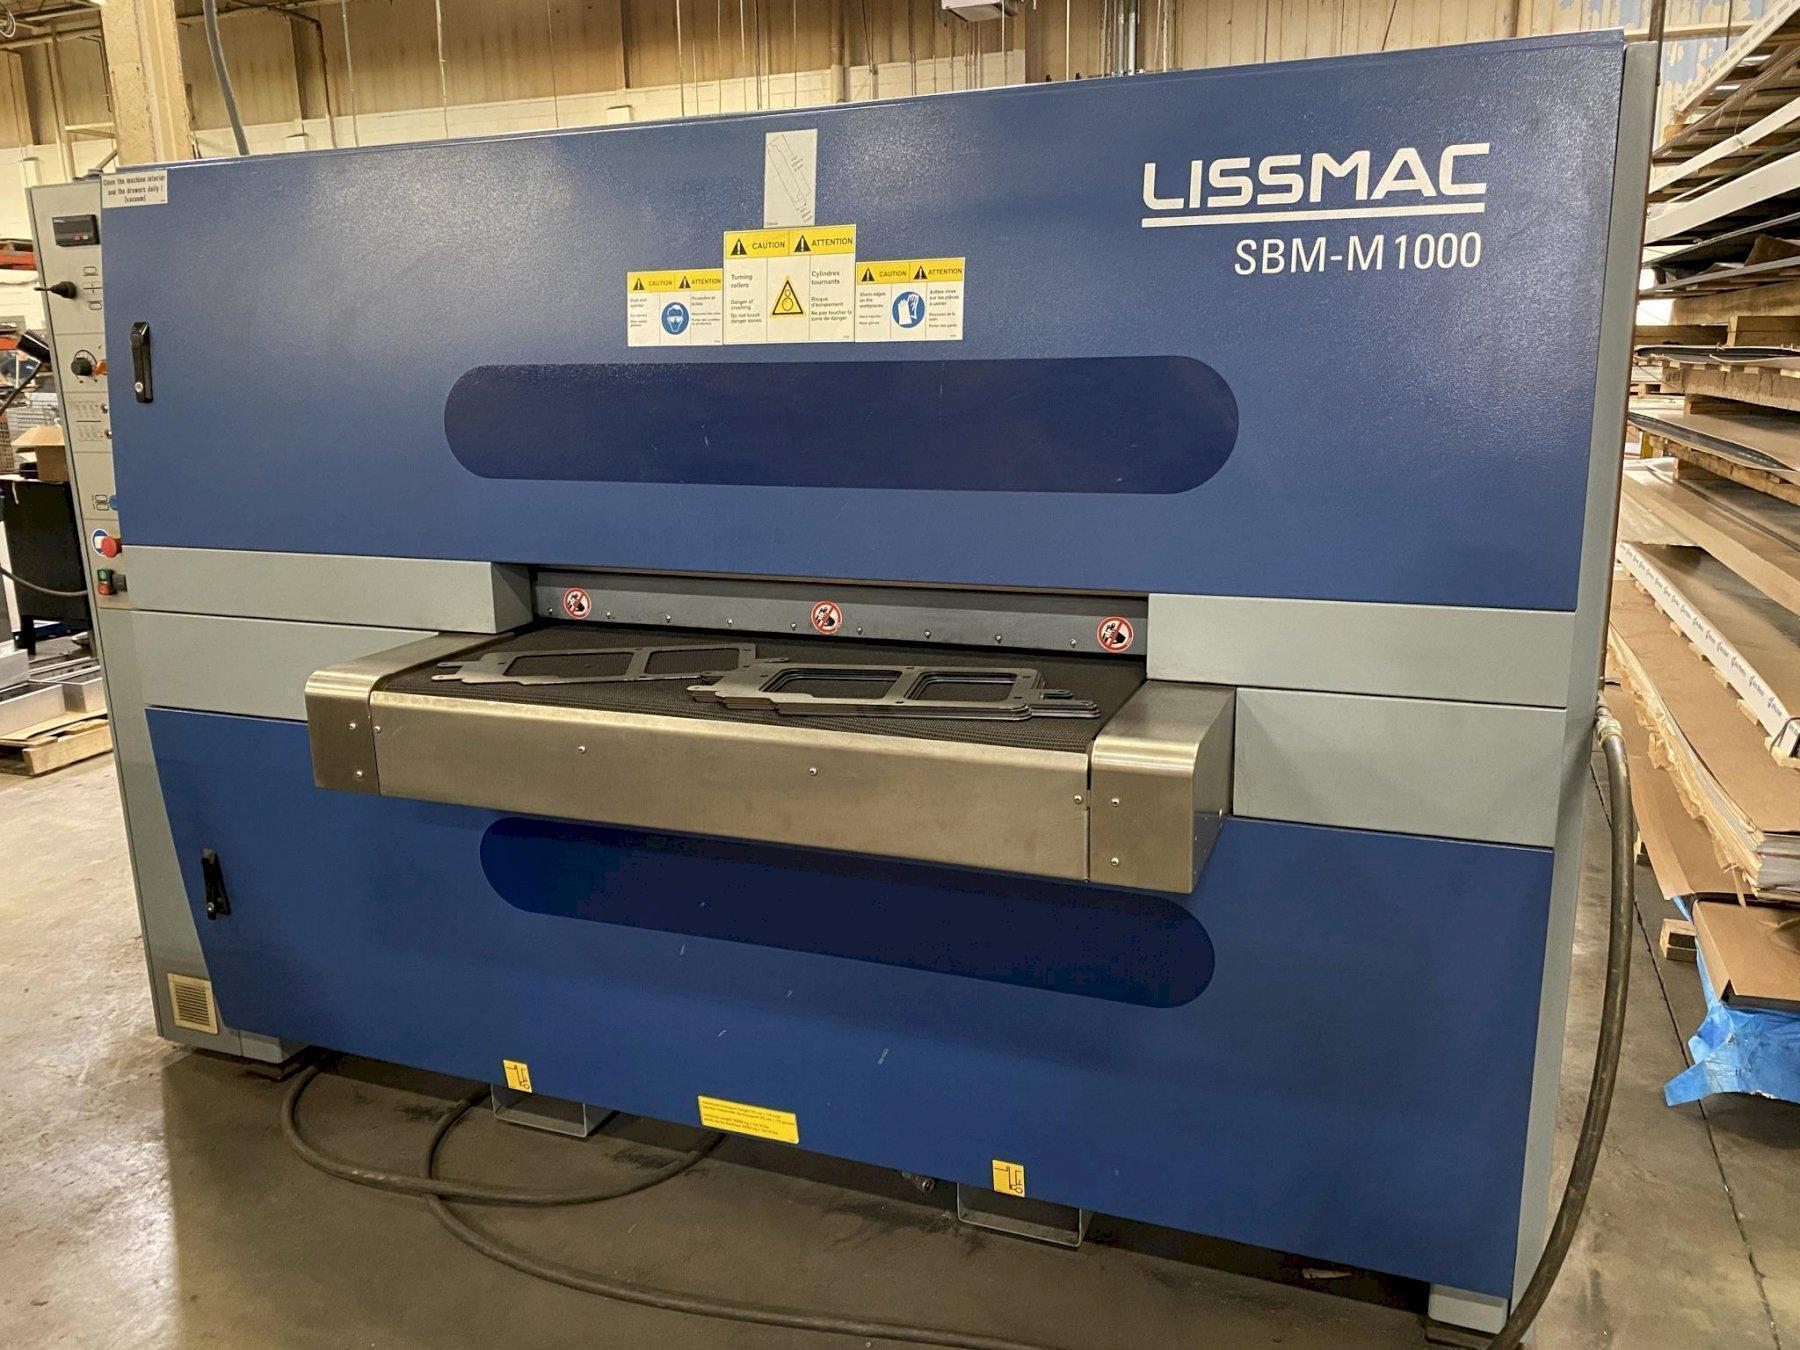 Lissmac SBM-m1000 B2-60 Dual Sided Deburring machine